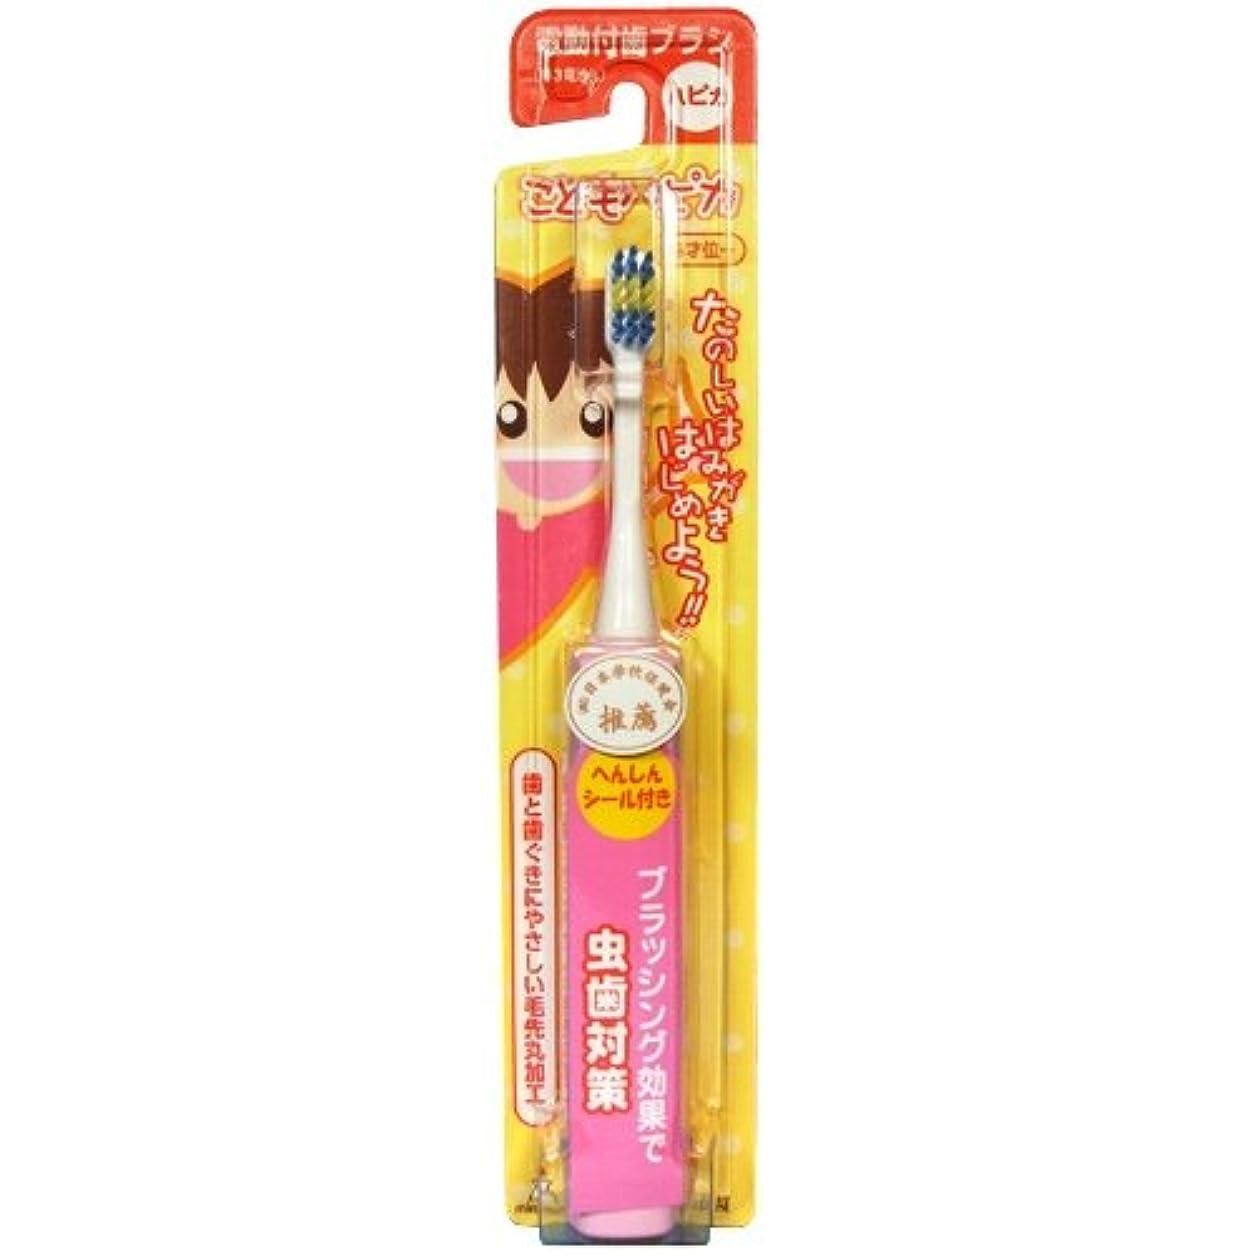 聖書ネブ批判ミニマム 電動付歯ブラシ こどもハピカ ピンク 毛の硬さ:やわらかめ DBK-1P(BP)